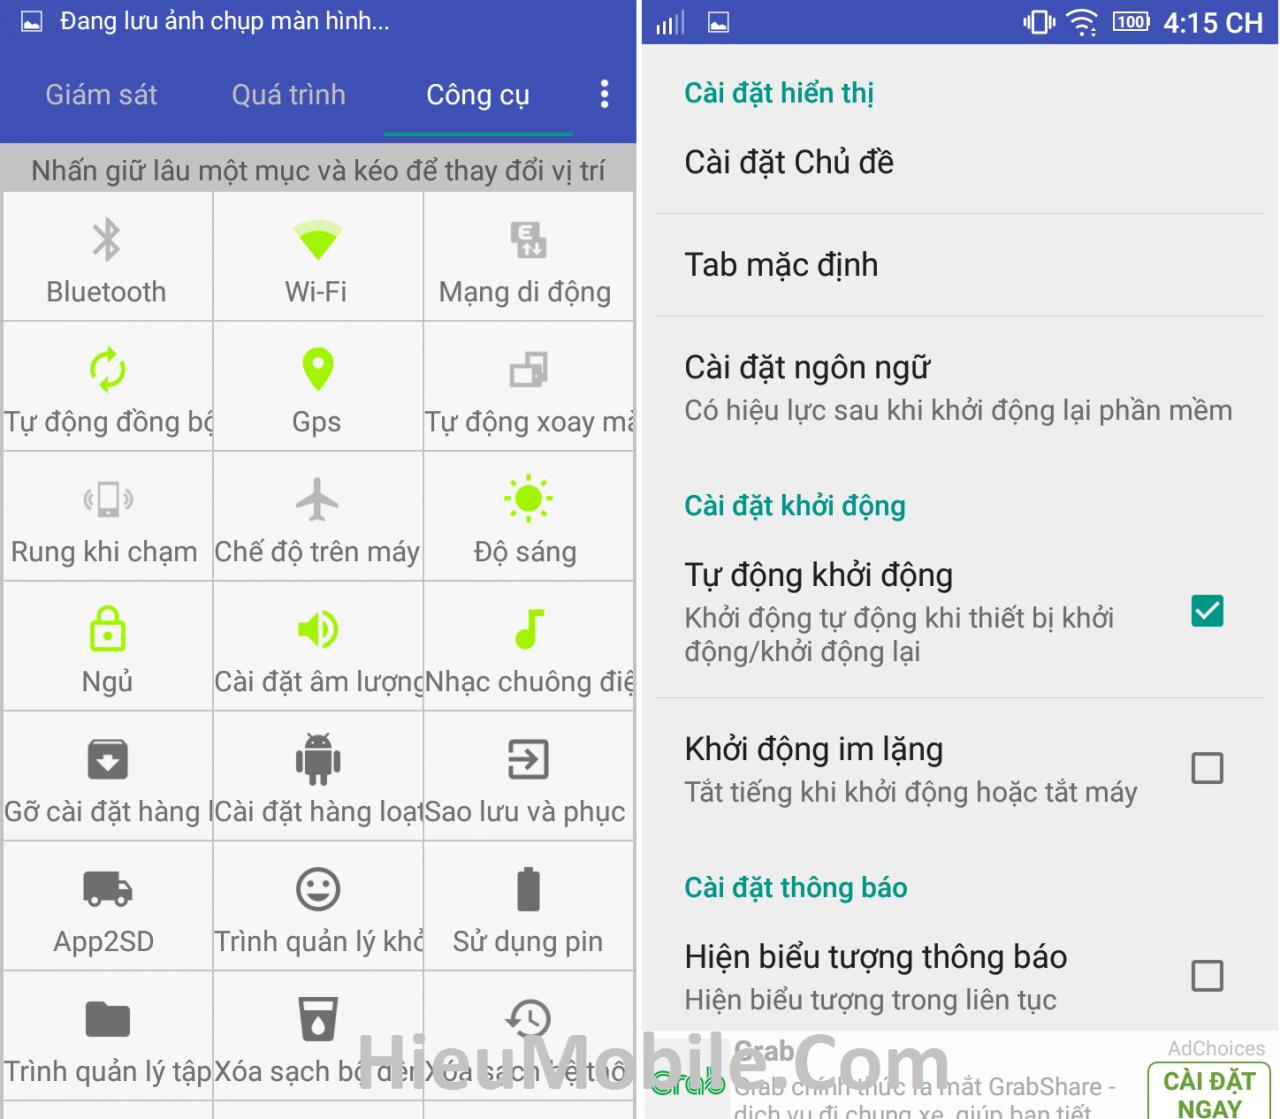 Hình ảnh quFabiU của Tải Asistant For Android - Ứng dụng quản lý điện thoại chuyên nghiệp tại HieuMobile